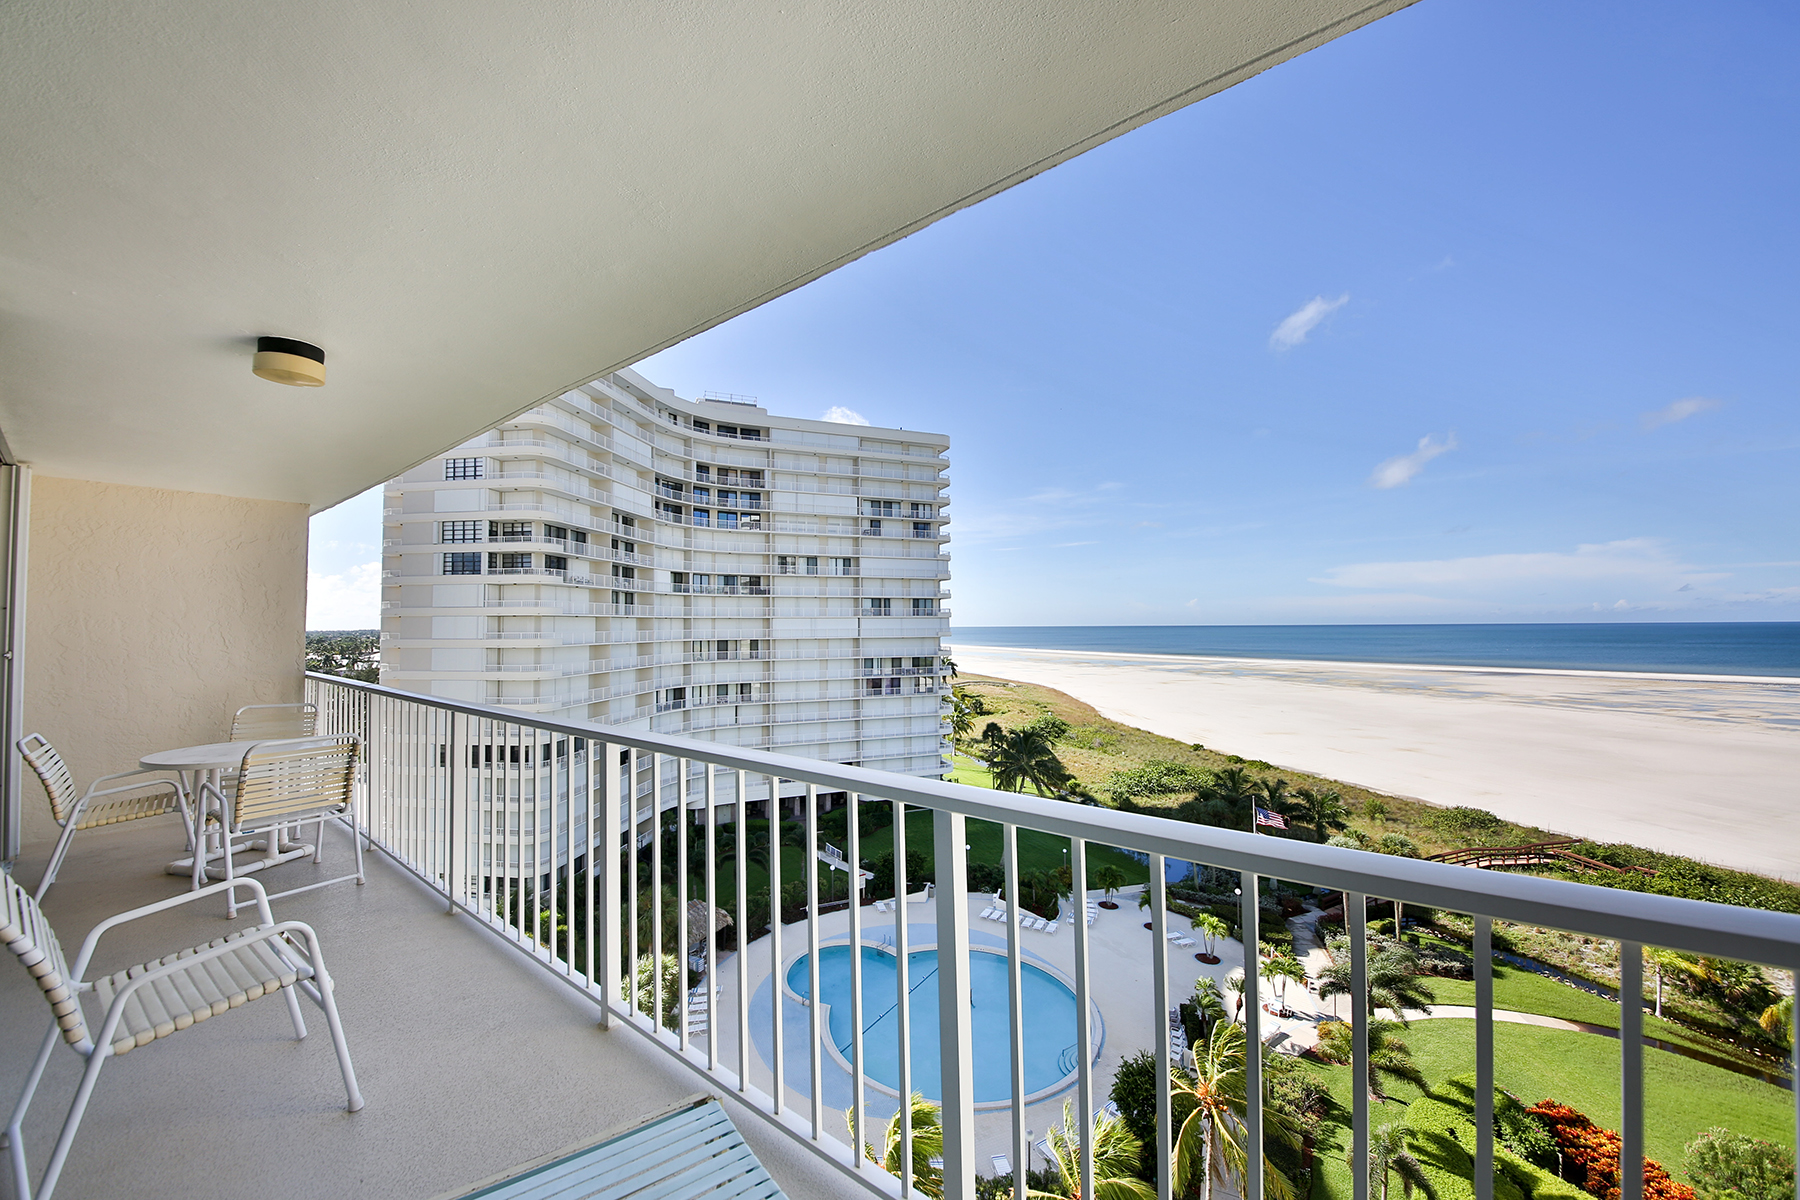 Condominio por un Venta en MARCO ISLAND - SOUTH SEAS 320 Seaview Ct 905 Marco Island, Florida, 34145 Estados Unidos